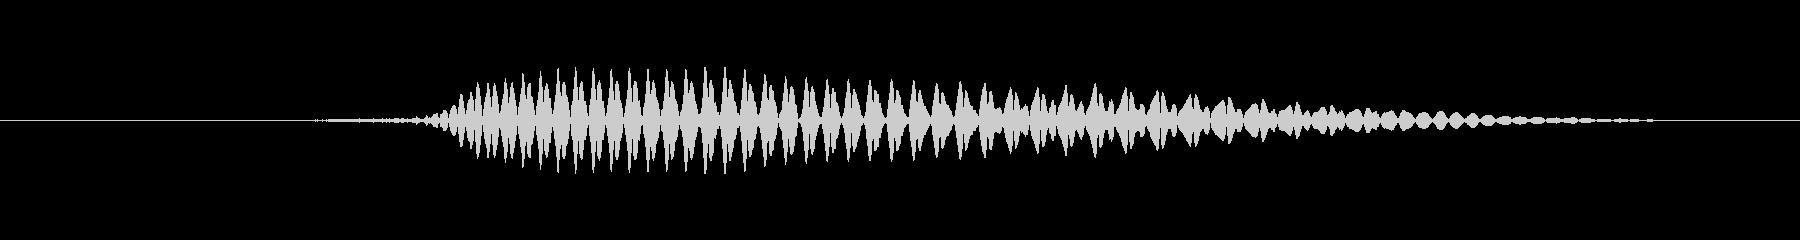 鳴き声 男性ため息熟考02の未再生の波形